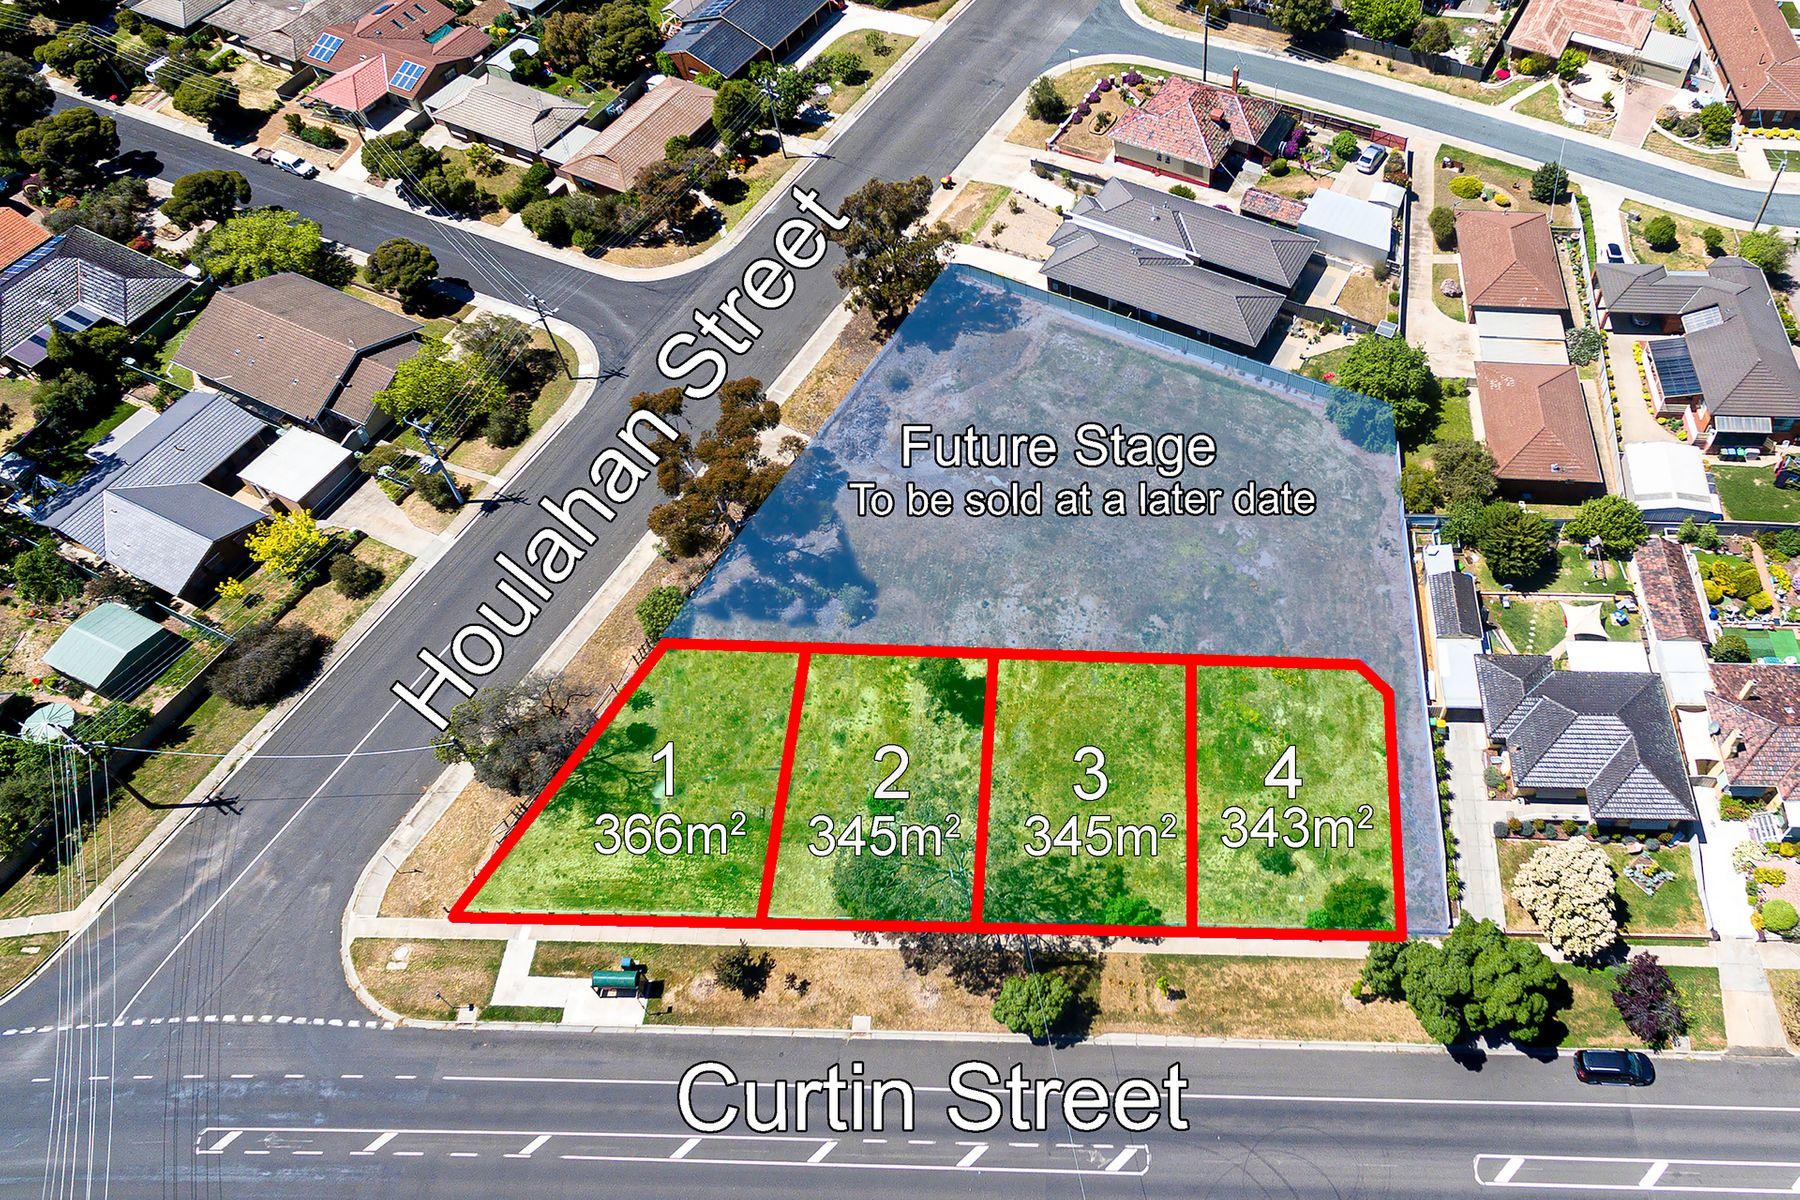 Lot 1/21-25 Curtin Street, Flora Hill, VIC 3550